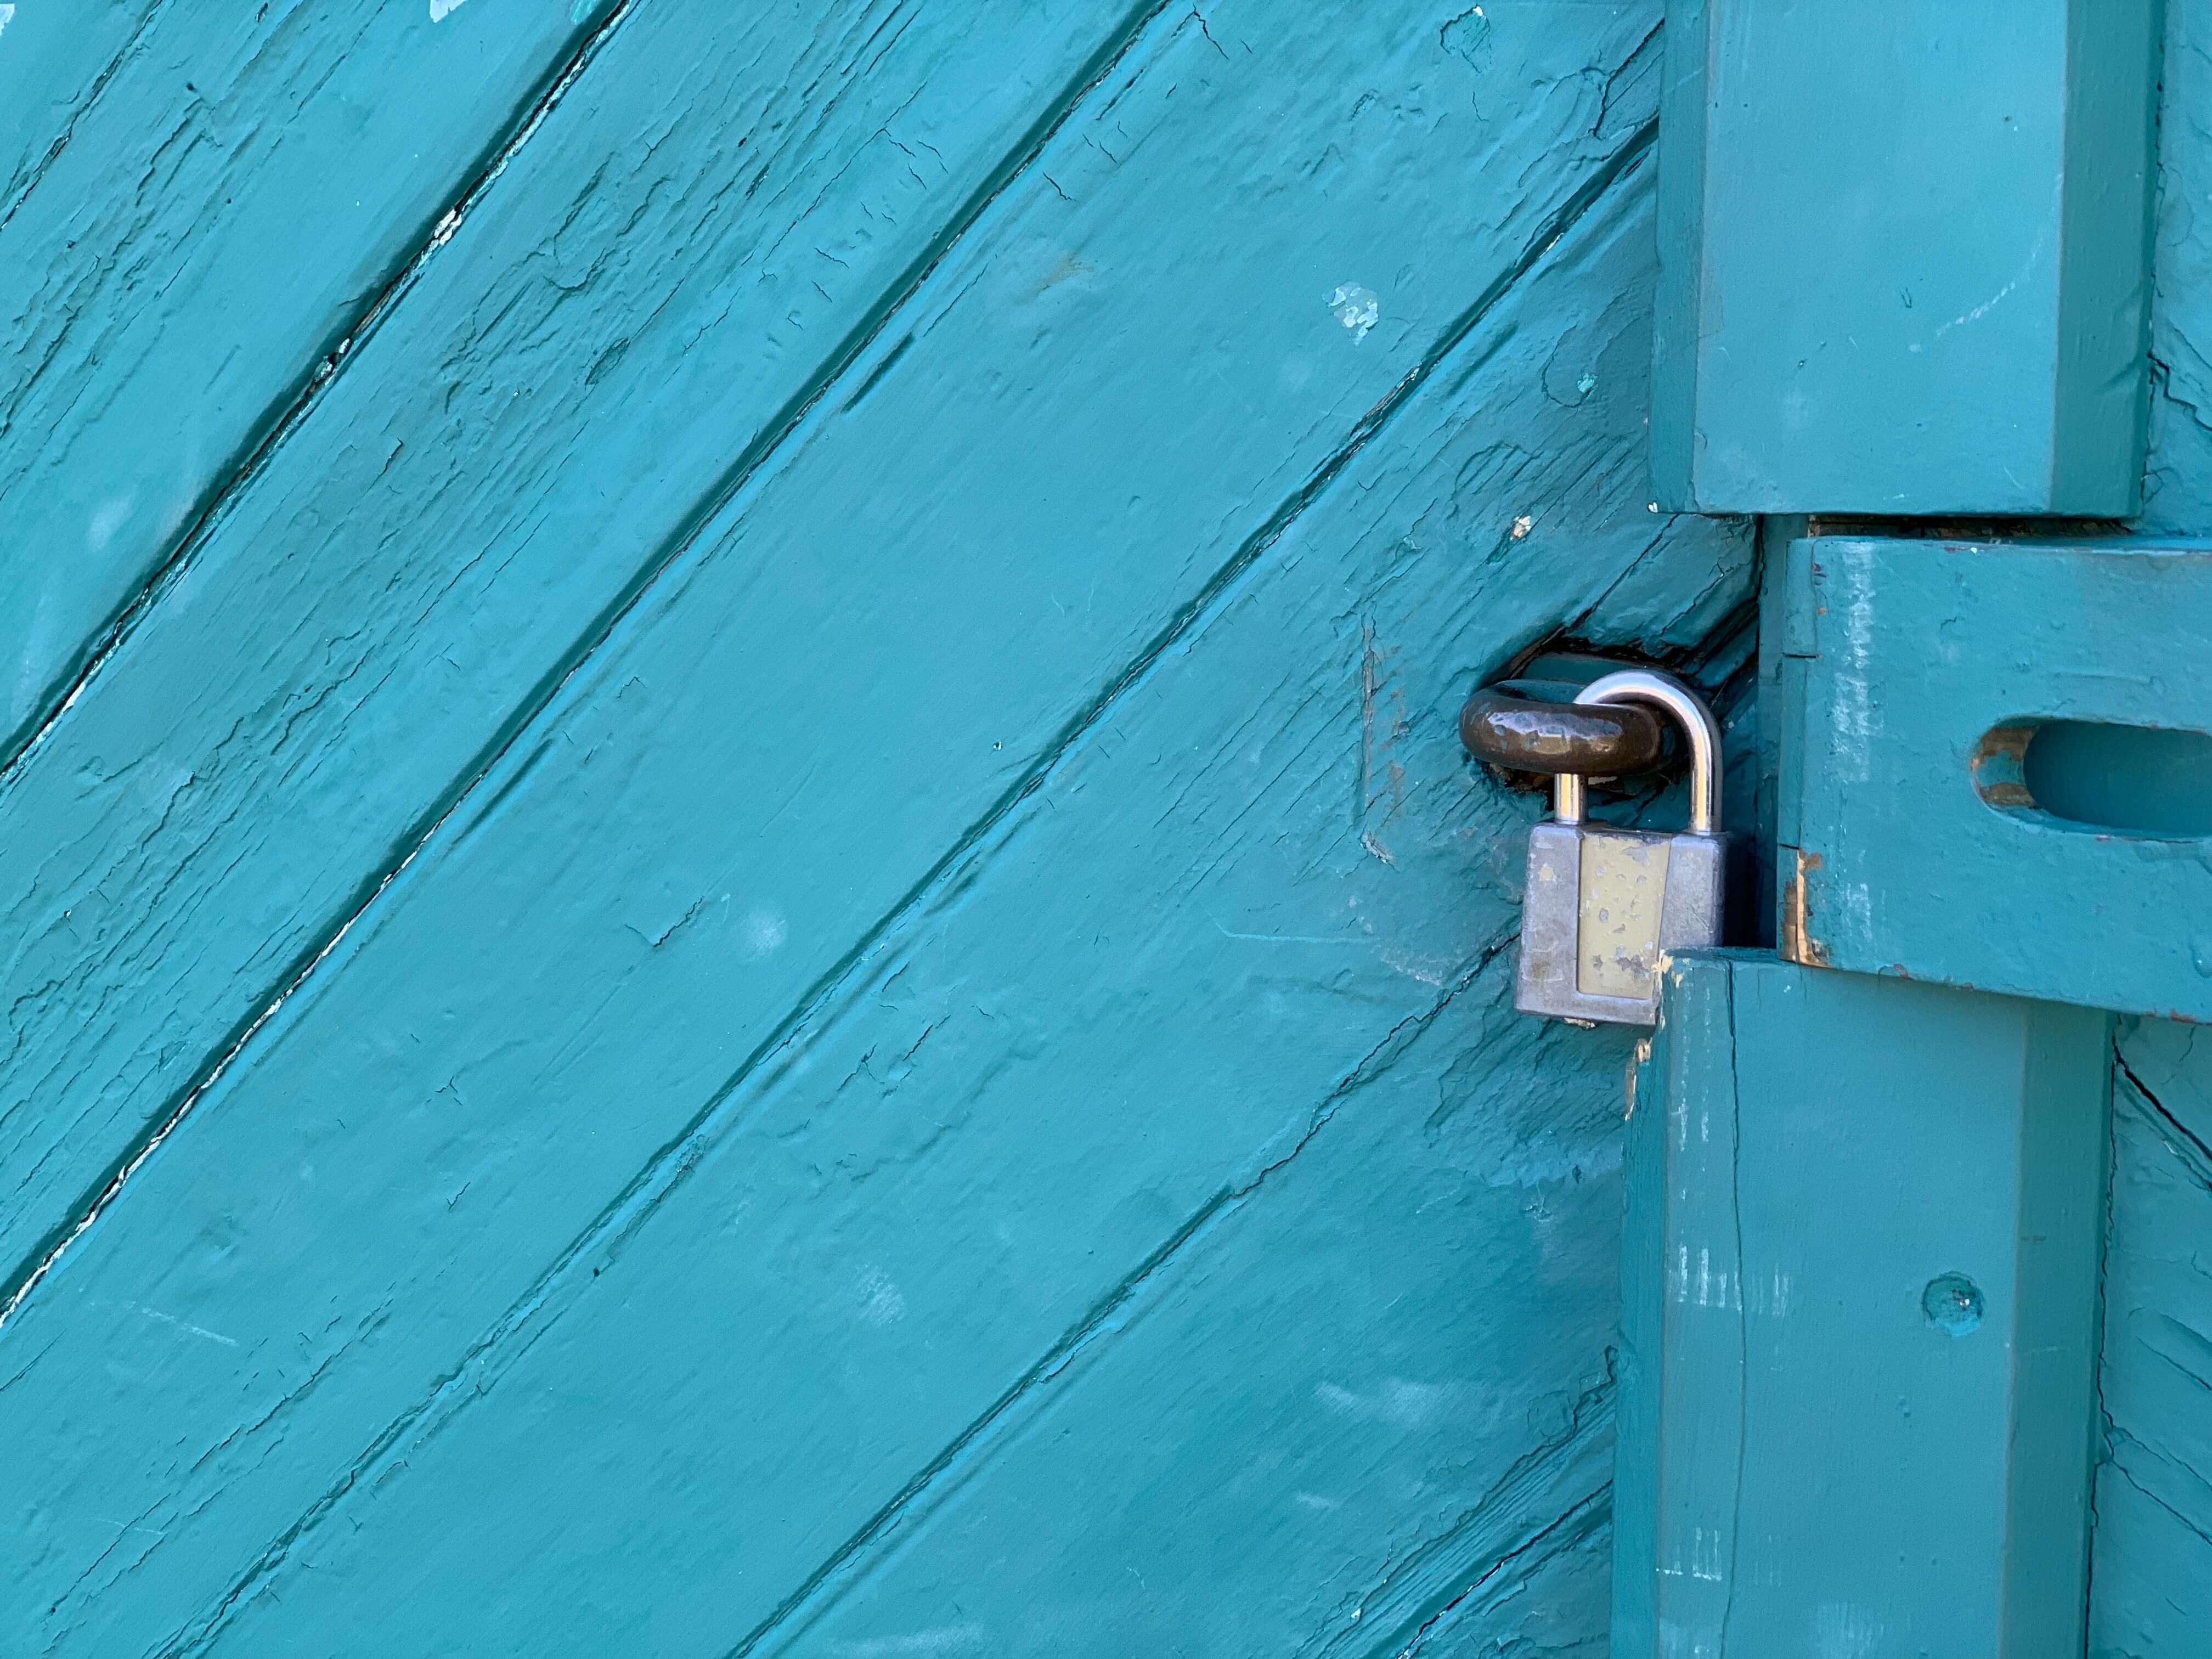 Điều cấm kỵ dịp tết 5: Đóng cửa nhà